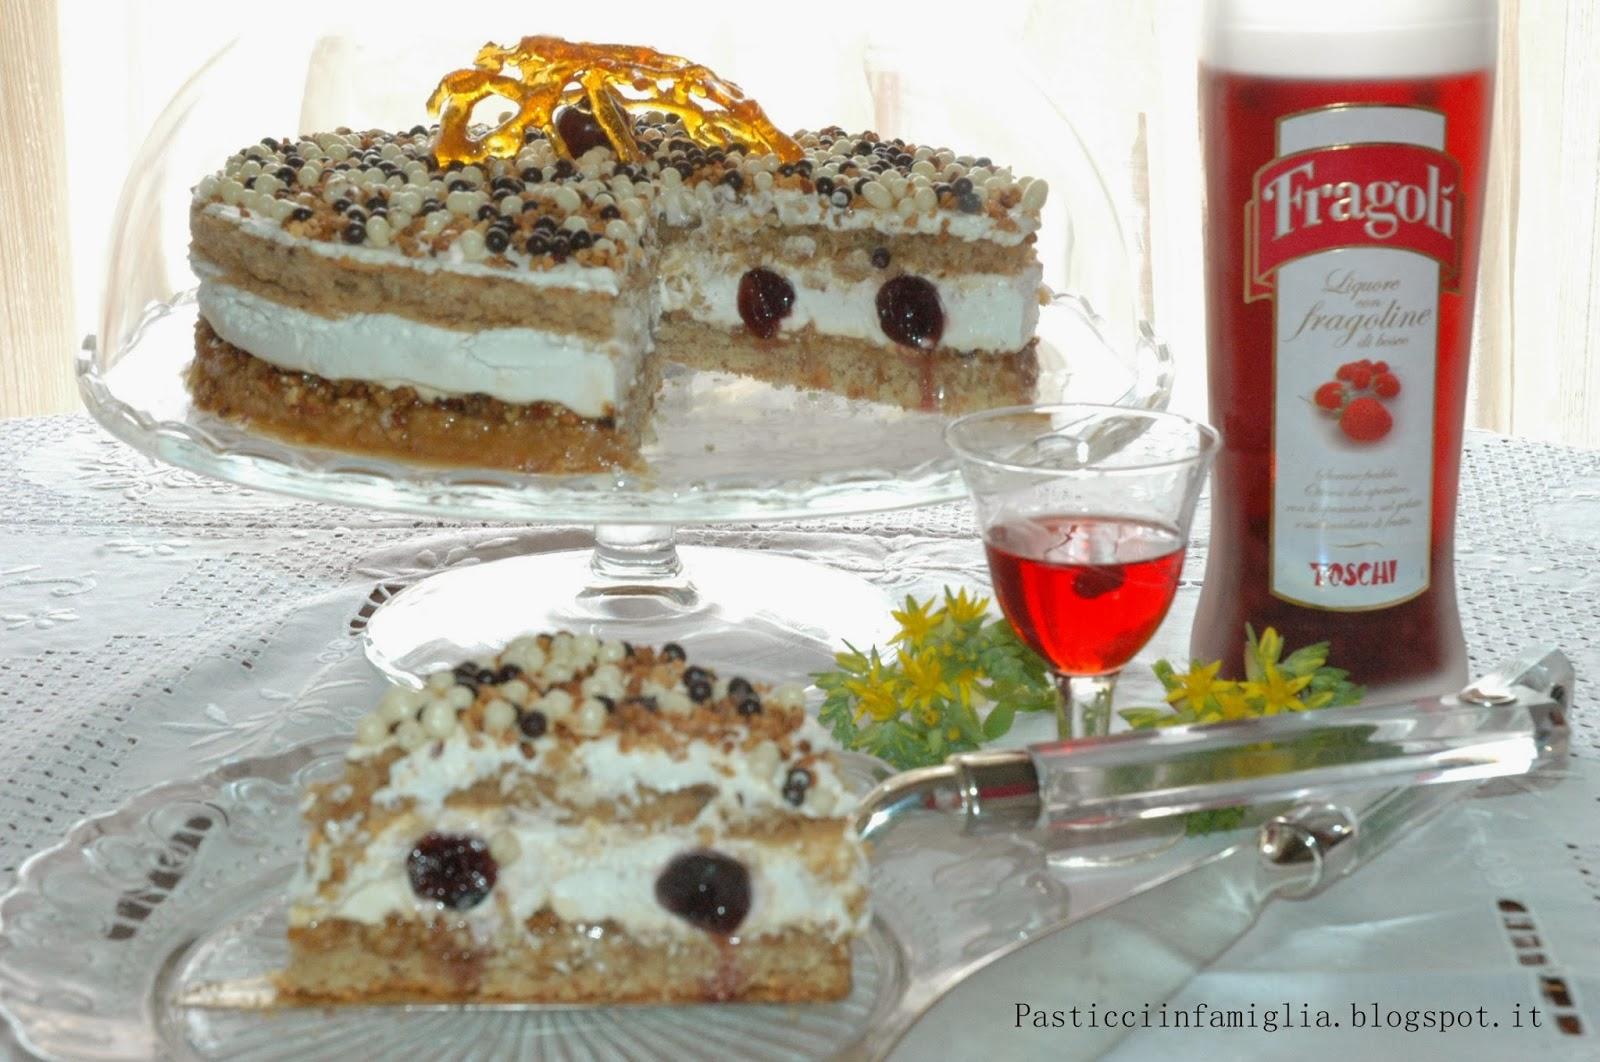 torta al doppio biscotto con croccante morbido e crema chantilly al liquore di marrons glaces